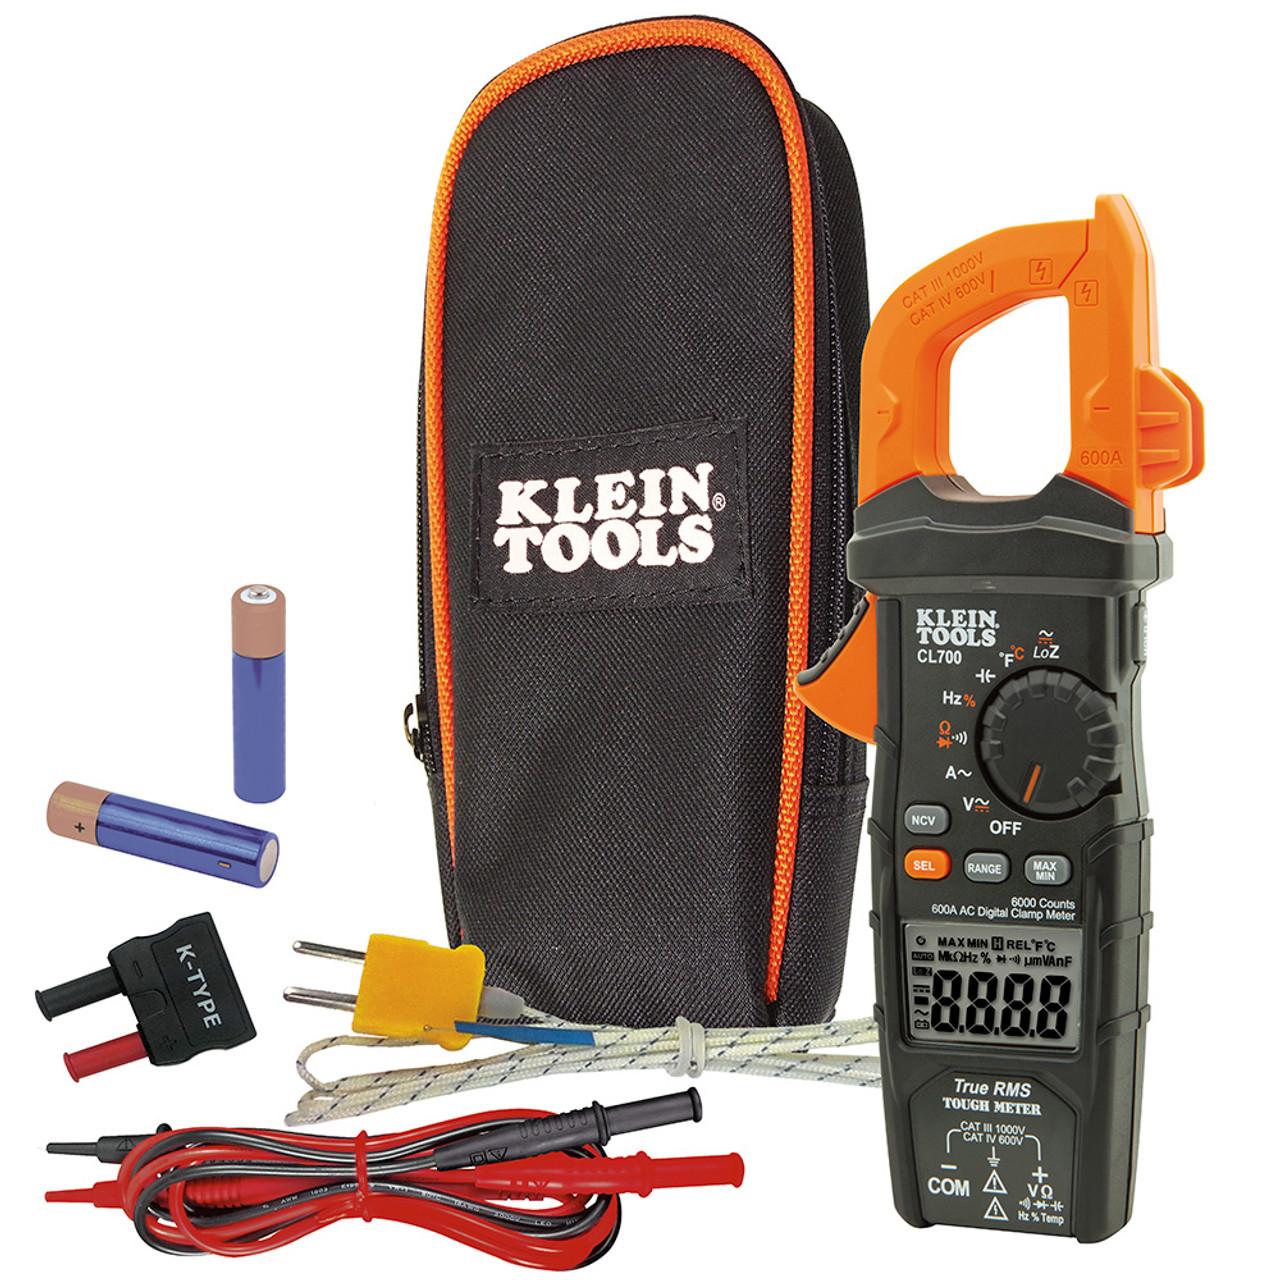 Klein CL700 Digital Clamp Meter